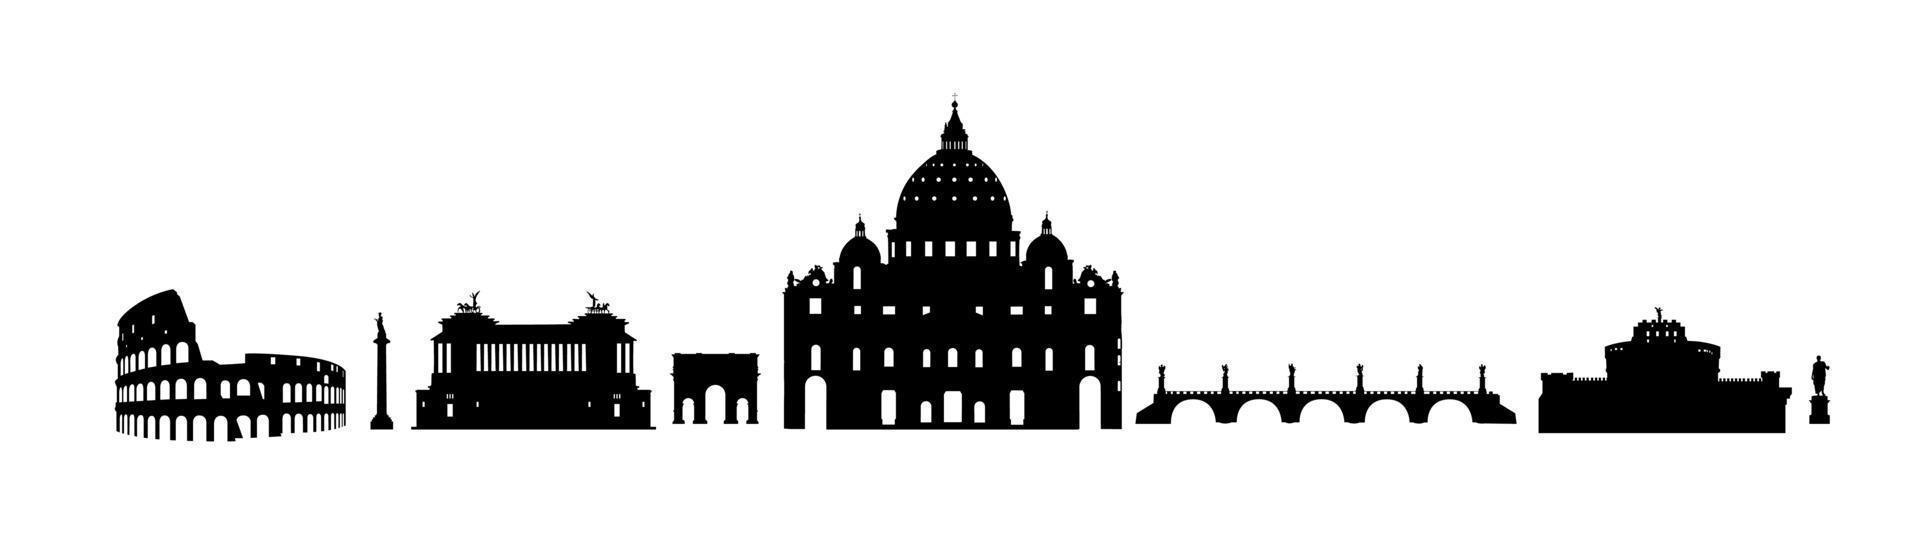 Roma viajes conjunto de landark arquitectónico. lugares famosos italianos. construcción de iconos de silueta. vector